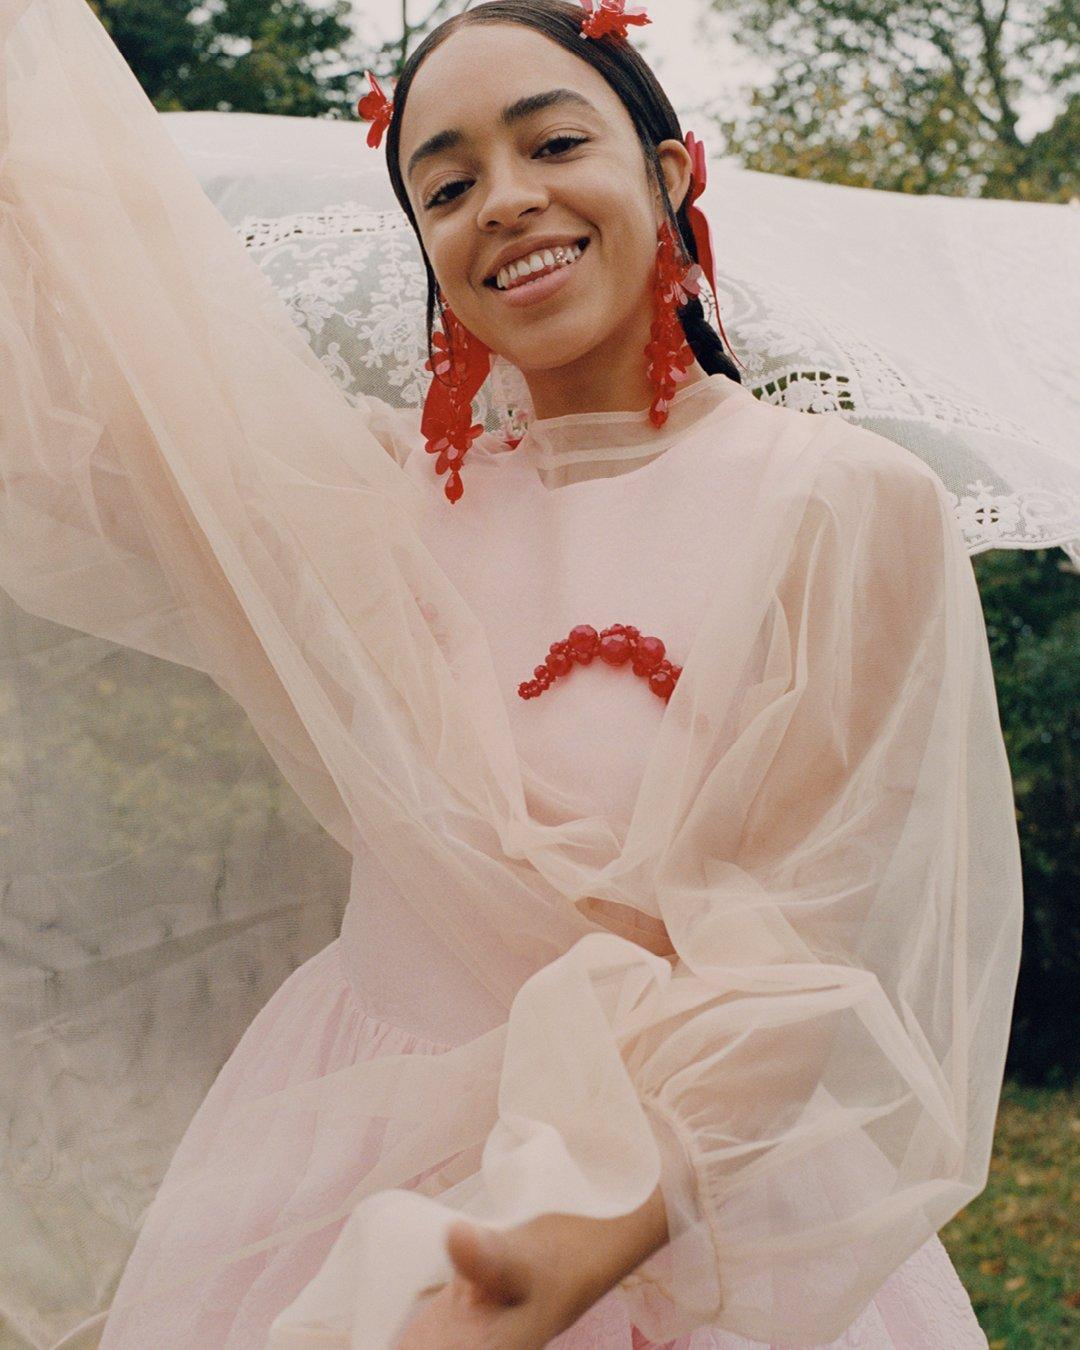 시몬 로샤 특유의 사랑스러움을 살린 시스루와 레이스가 더해진 원피스의 모습이다.